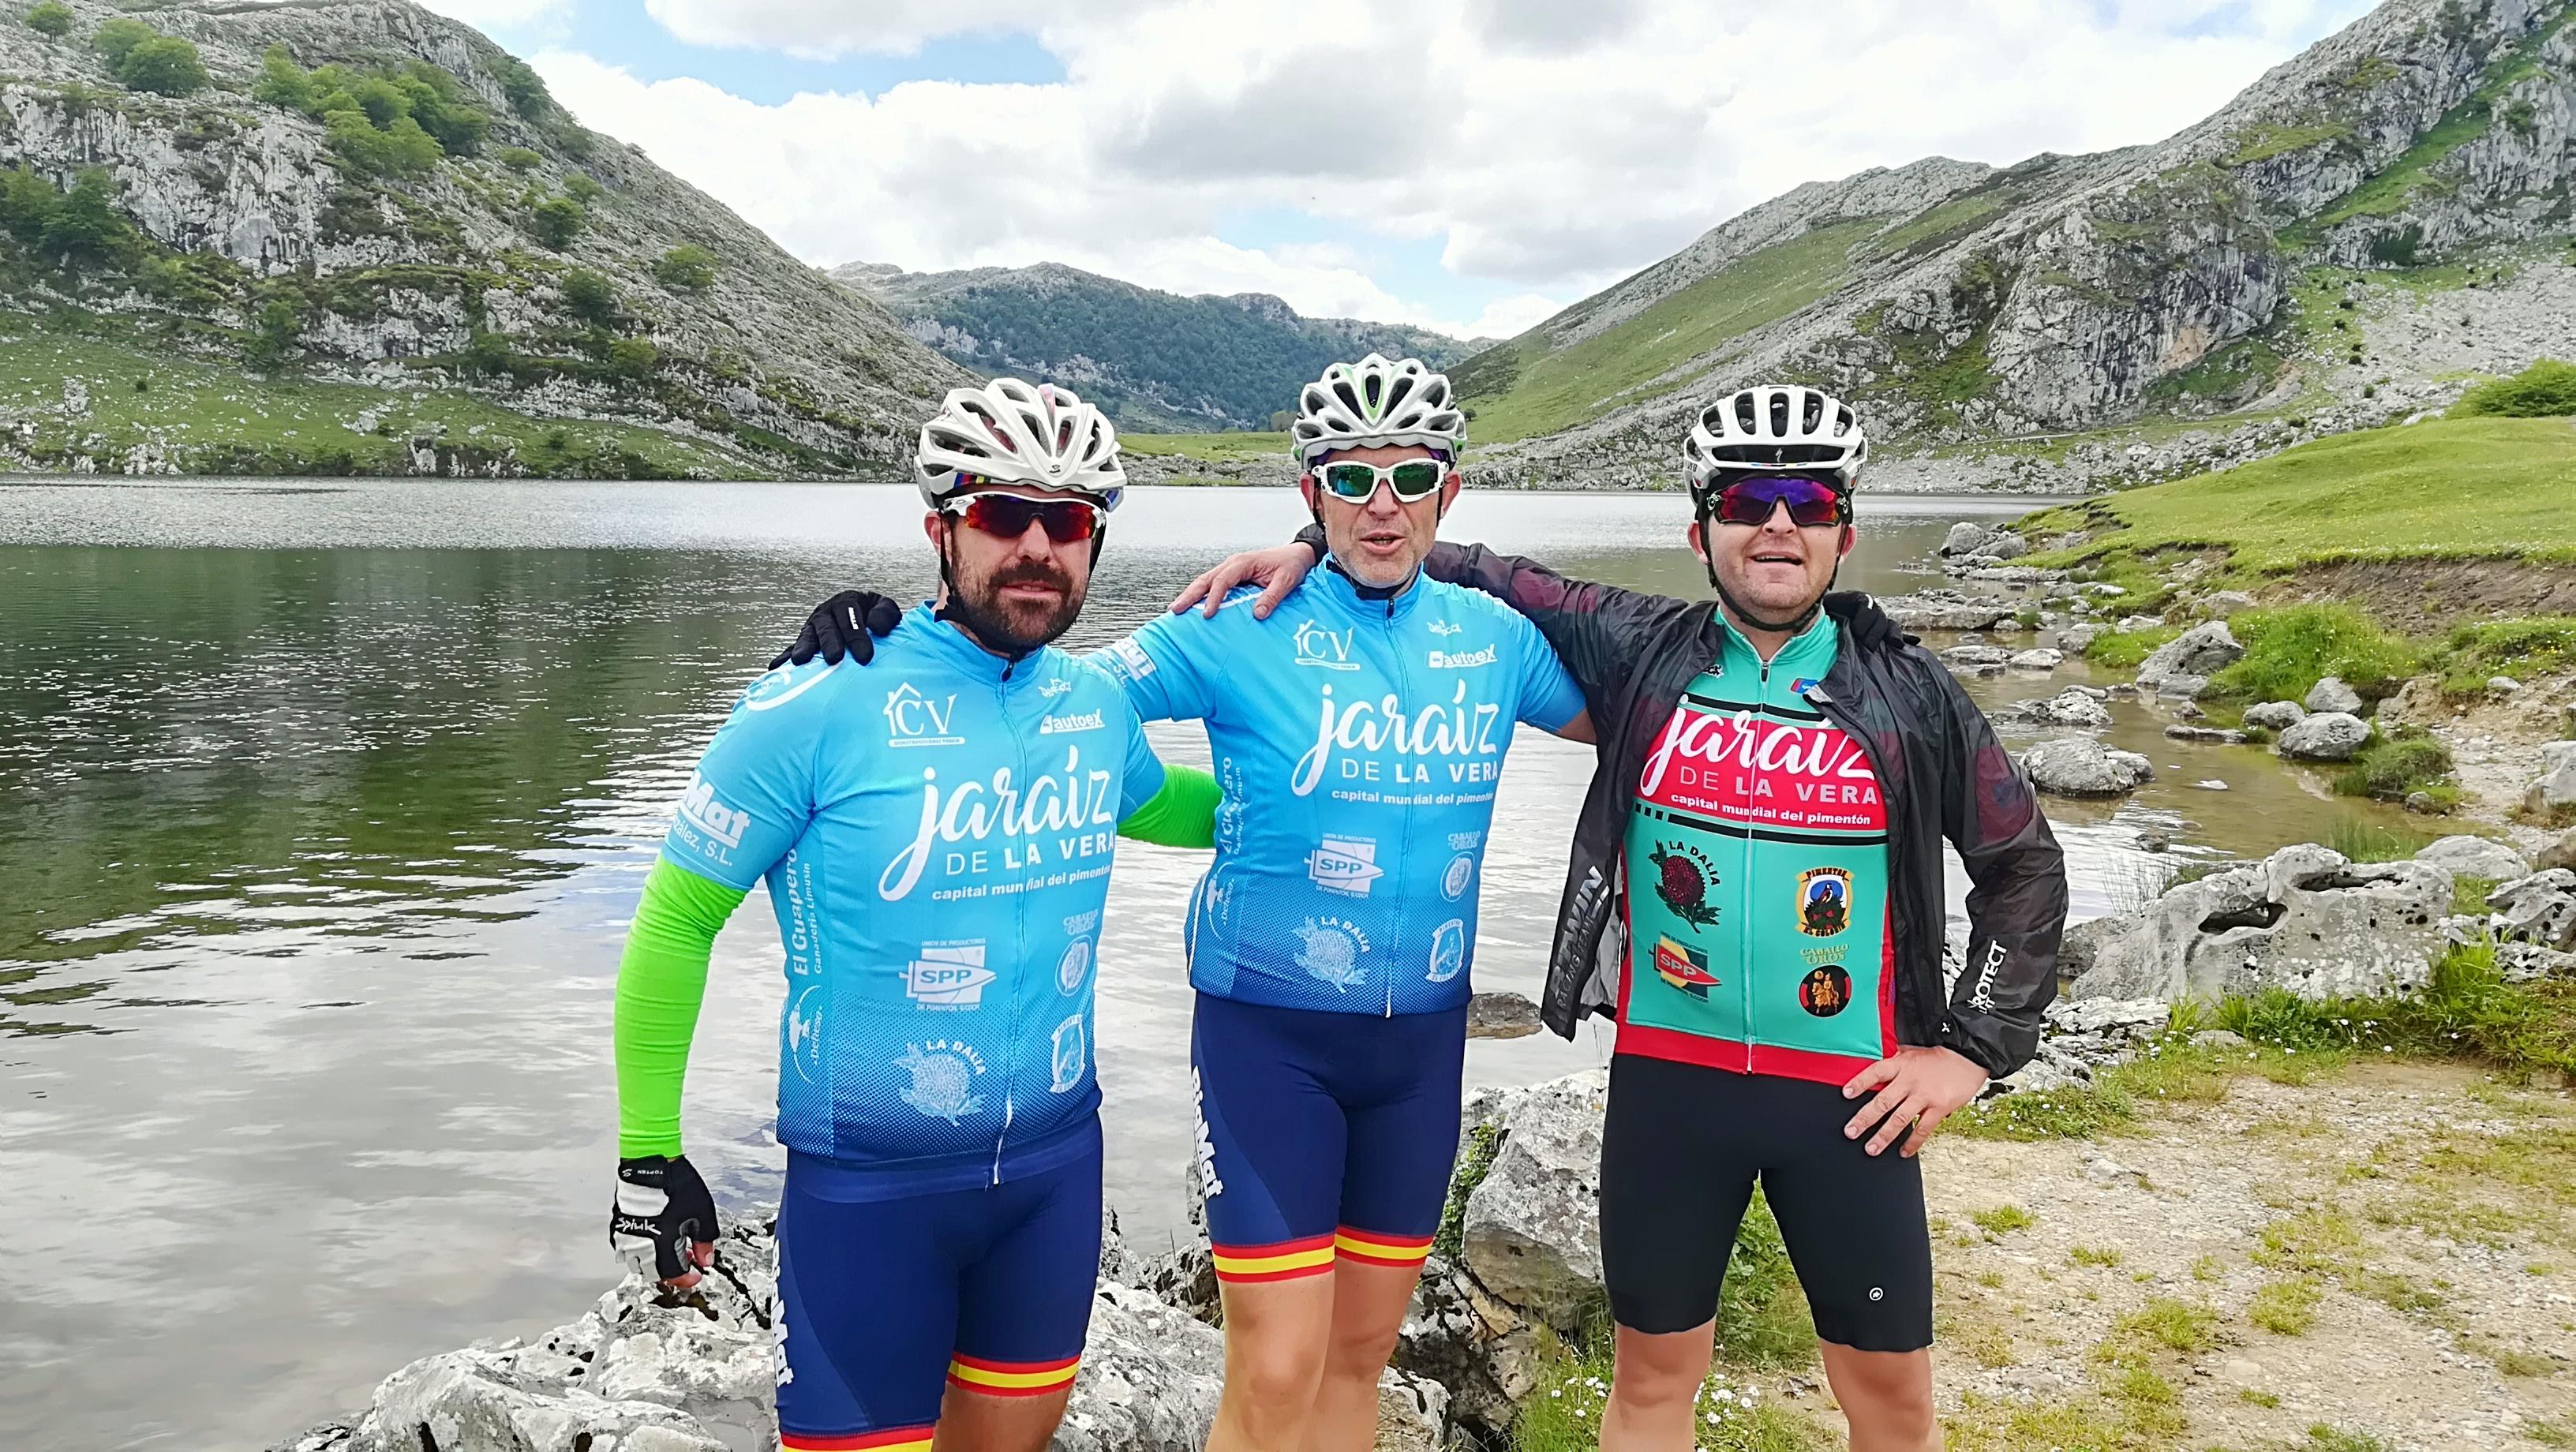 El Equipo Jaraíz de la Vera Capital Mundial del Pimentón en la Clásica Lagos de Covadonga Ride By Movistar